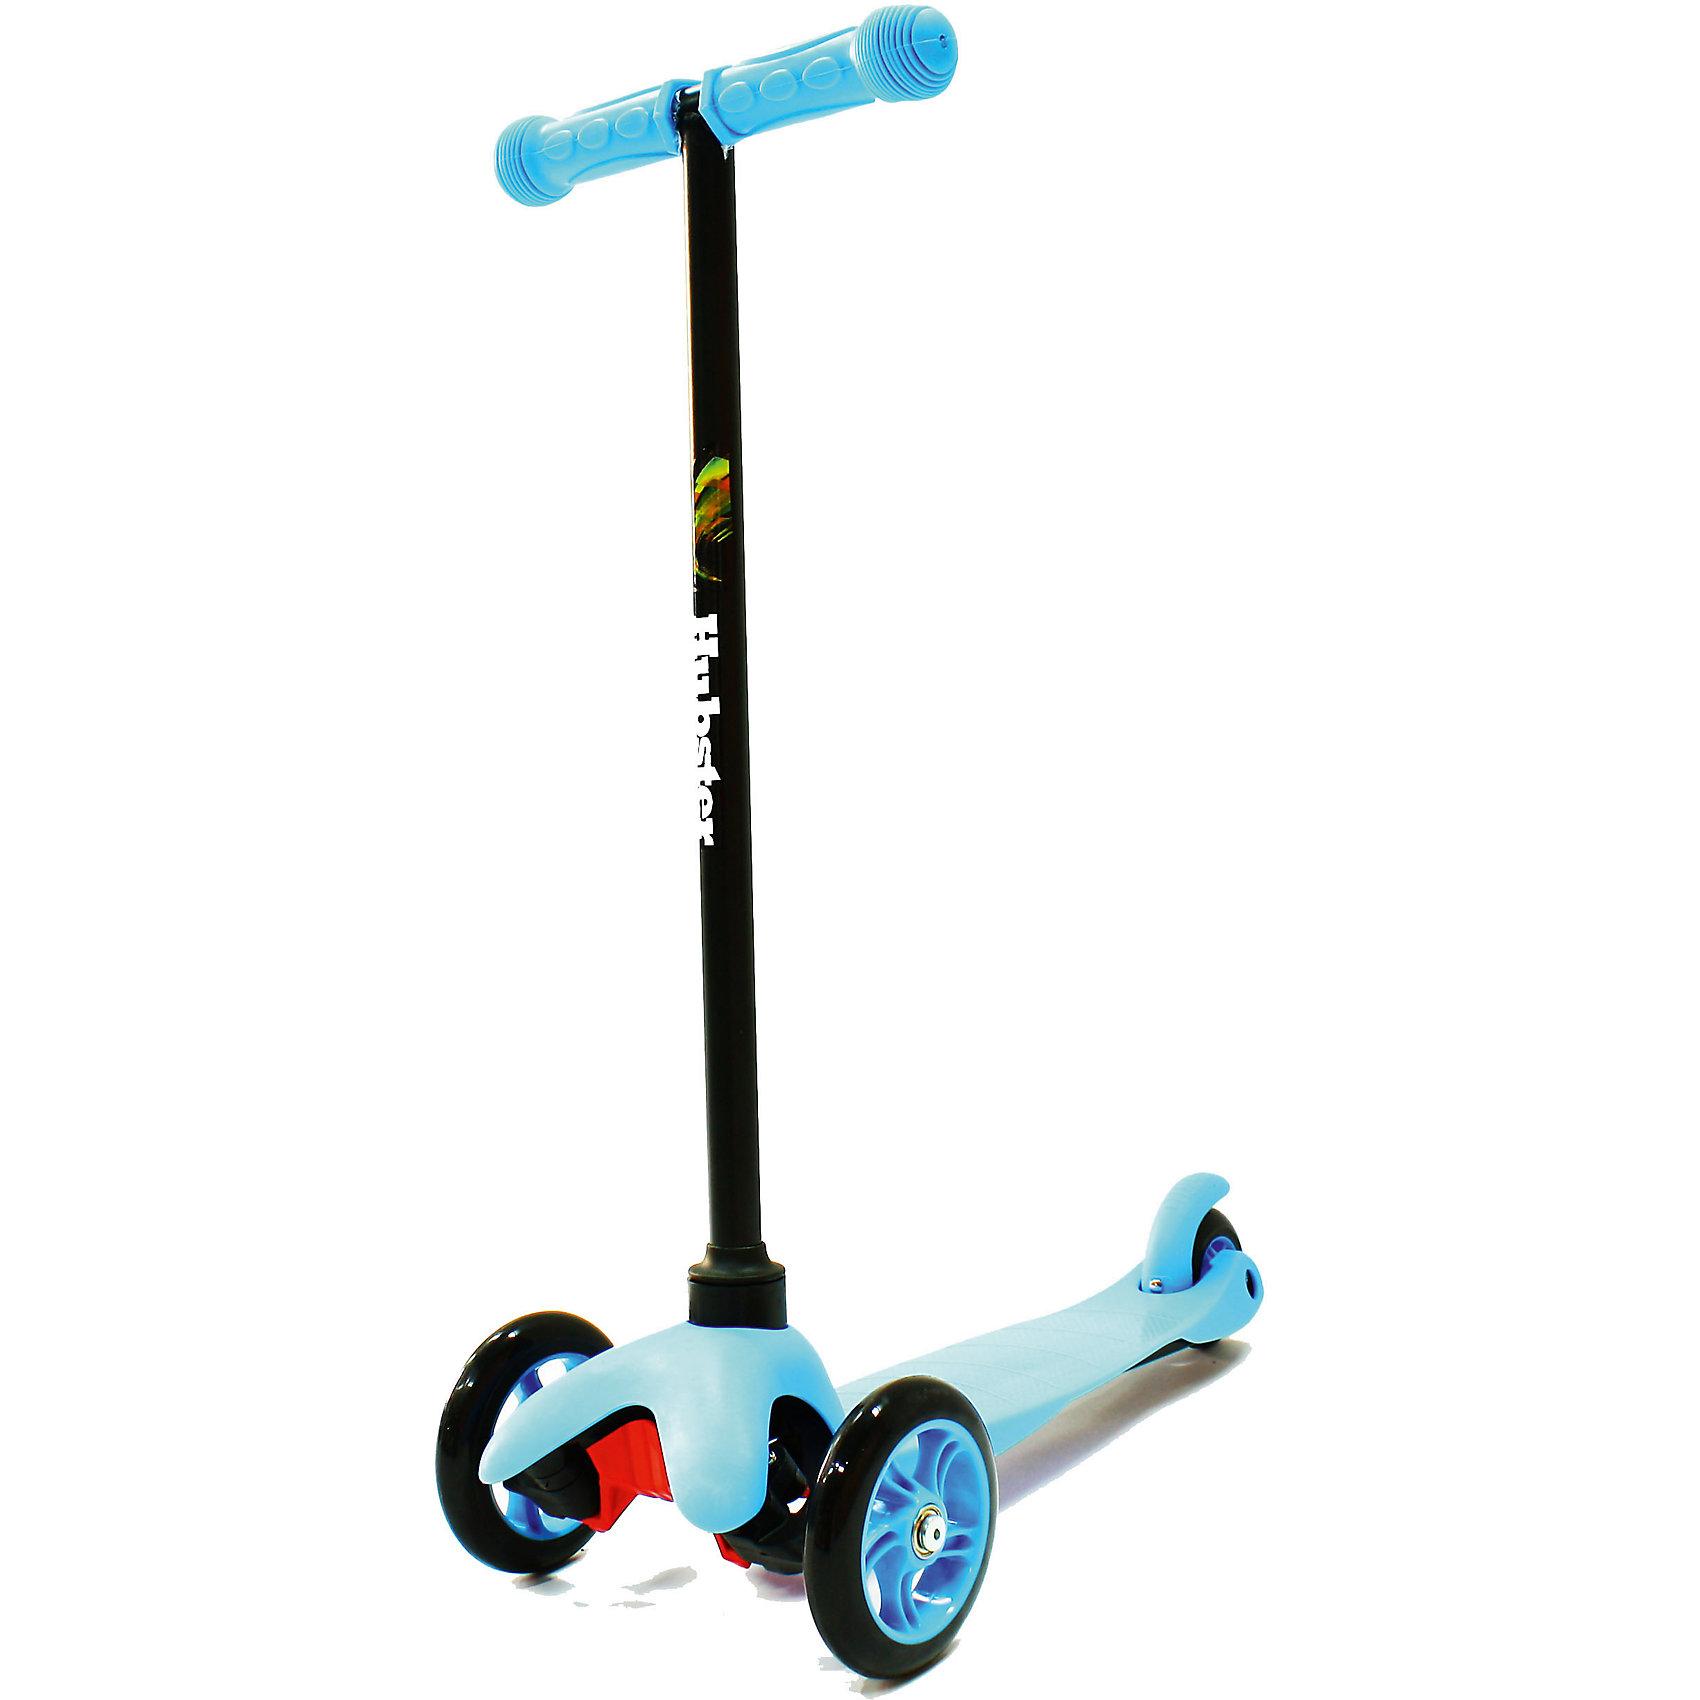 Самокат Hubster Mini,  синийСамокаты<br>Материл: алюминий, пластик. Макс.нагрузка: 30кг <br>Высота руля: Max 63 см.                                                                                  Тормоза задние-наступающий (step-on brake)                                                                                                                Полиуретановые литые колёса жёсткостью 82А.                  Размер колес: 125мм, 80мм. Подшипник:АВЕС-5                          Лёгкая долговечная система складывания, прорезиненные ручки<br><br>Ширина мм: 590<br>Глубина мм: 280<br>Высота мм: 150<br>Вес г: 1700<br>Возраст от месяцев: 24<br>Возраст до месяцев: 60<br>Пол: Унисекс<br>Возраст: Детский<br>SKU: 5518960